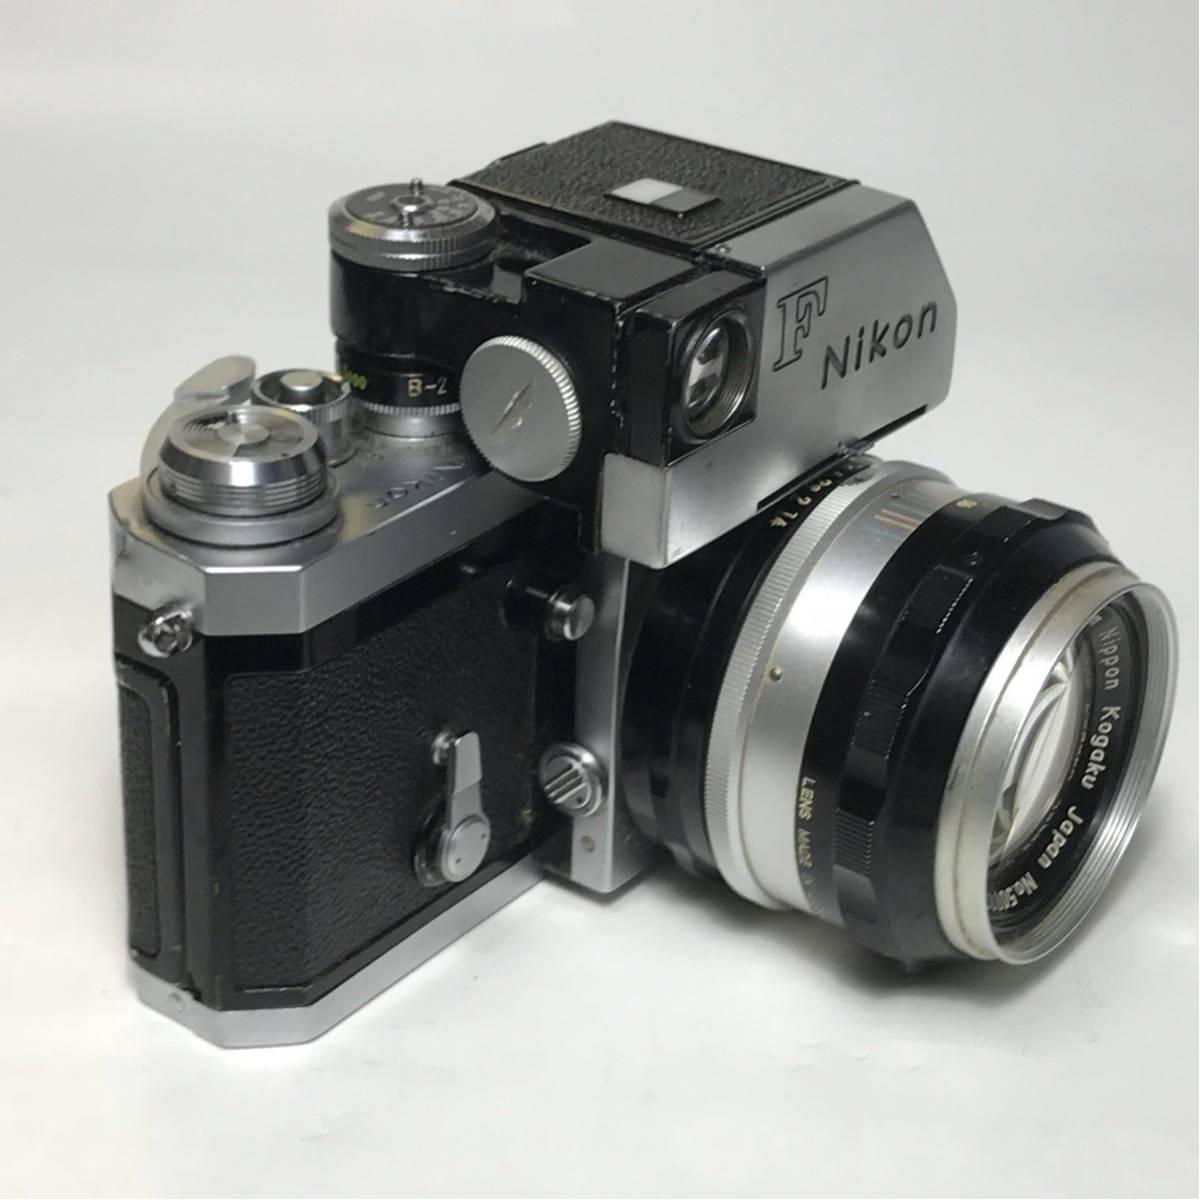 Nikon F Photomic FTN /ニコン F 外部測光式フォトミックファインダー SLR FILM CAMERA with/Nikkor 1.4 50㎜【c/n7065523】_画像5